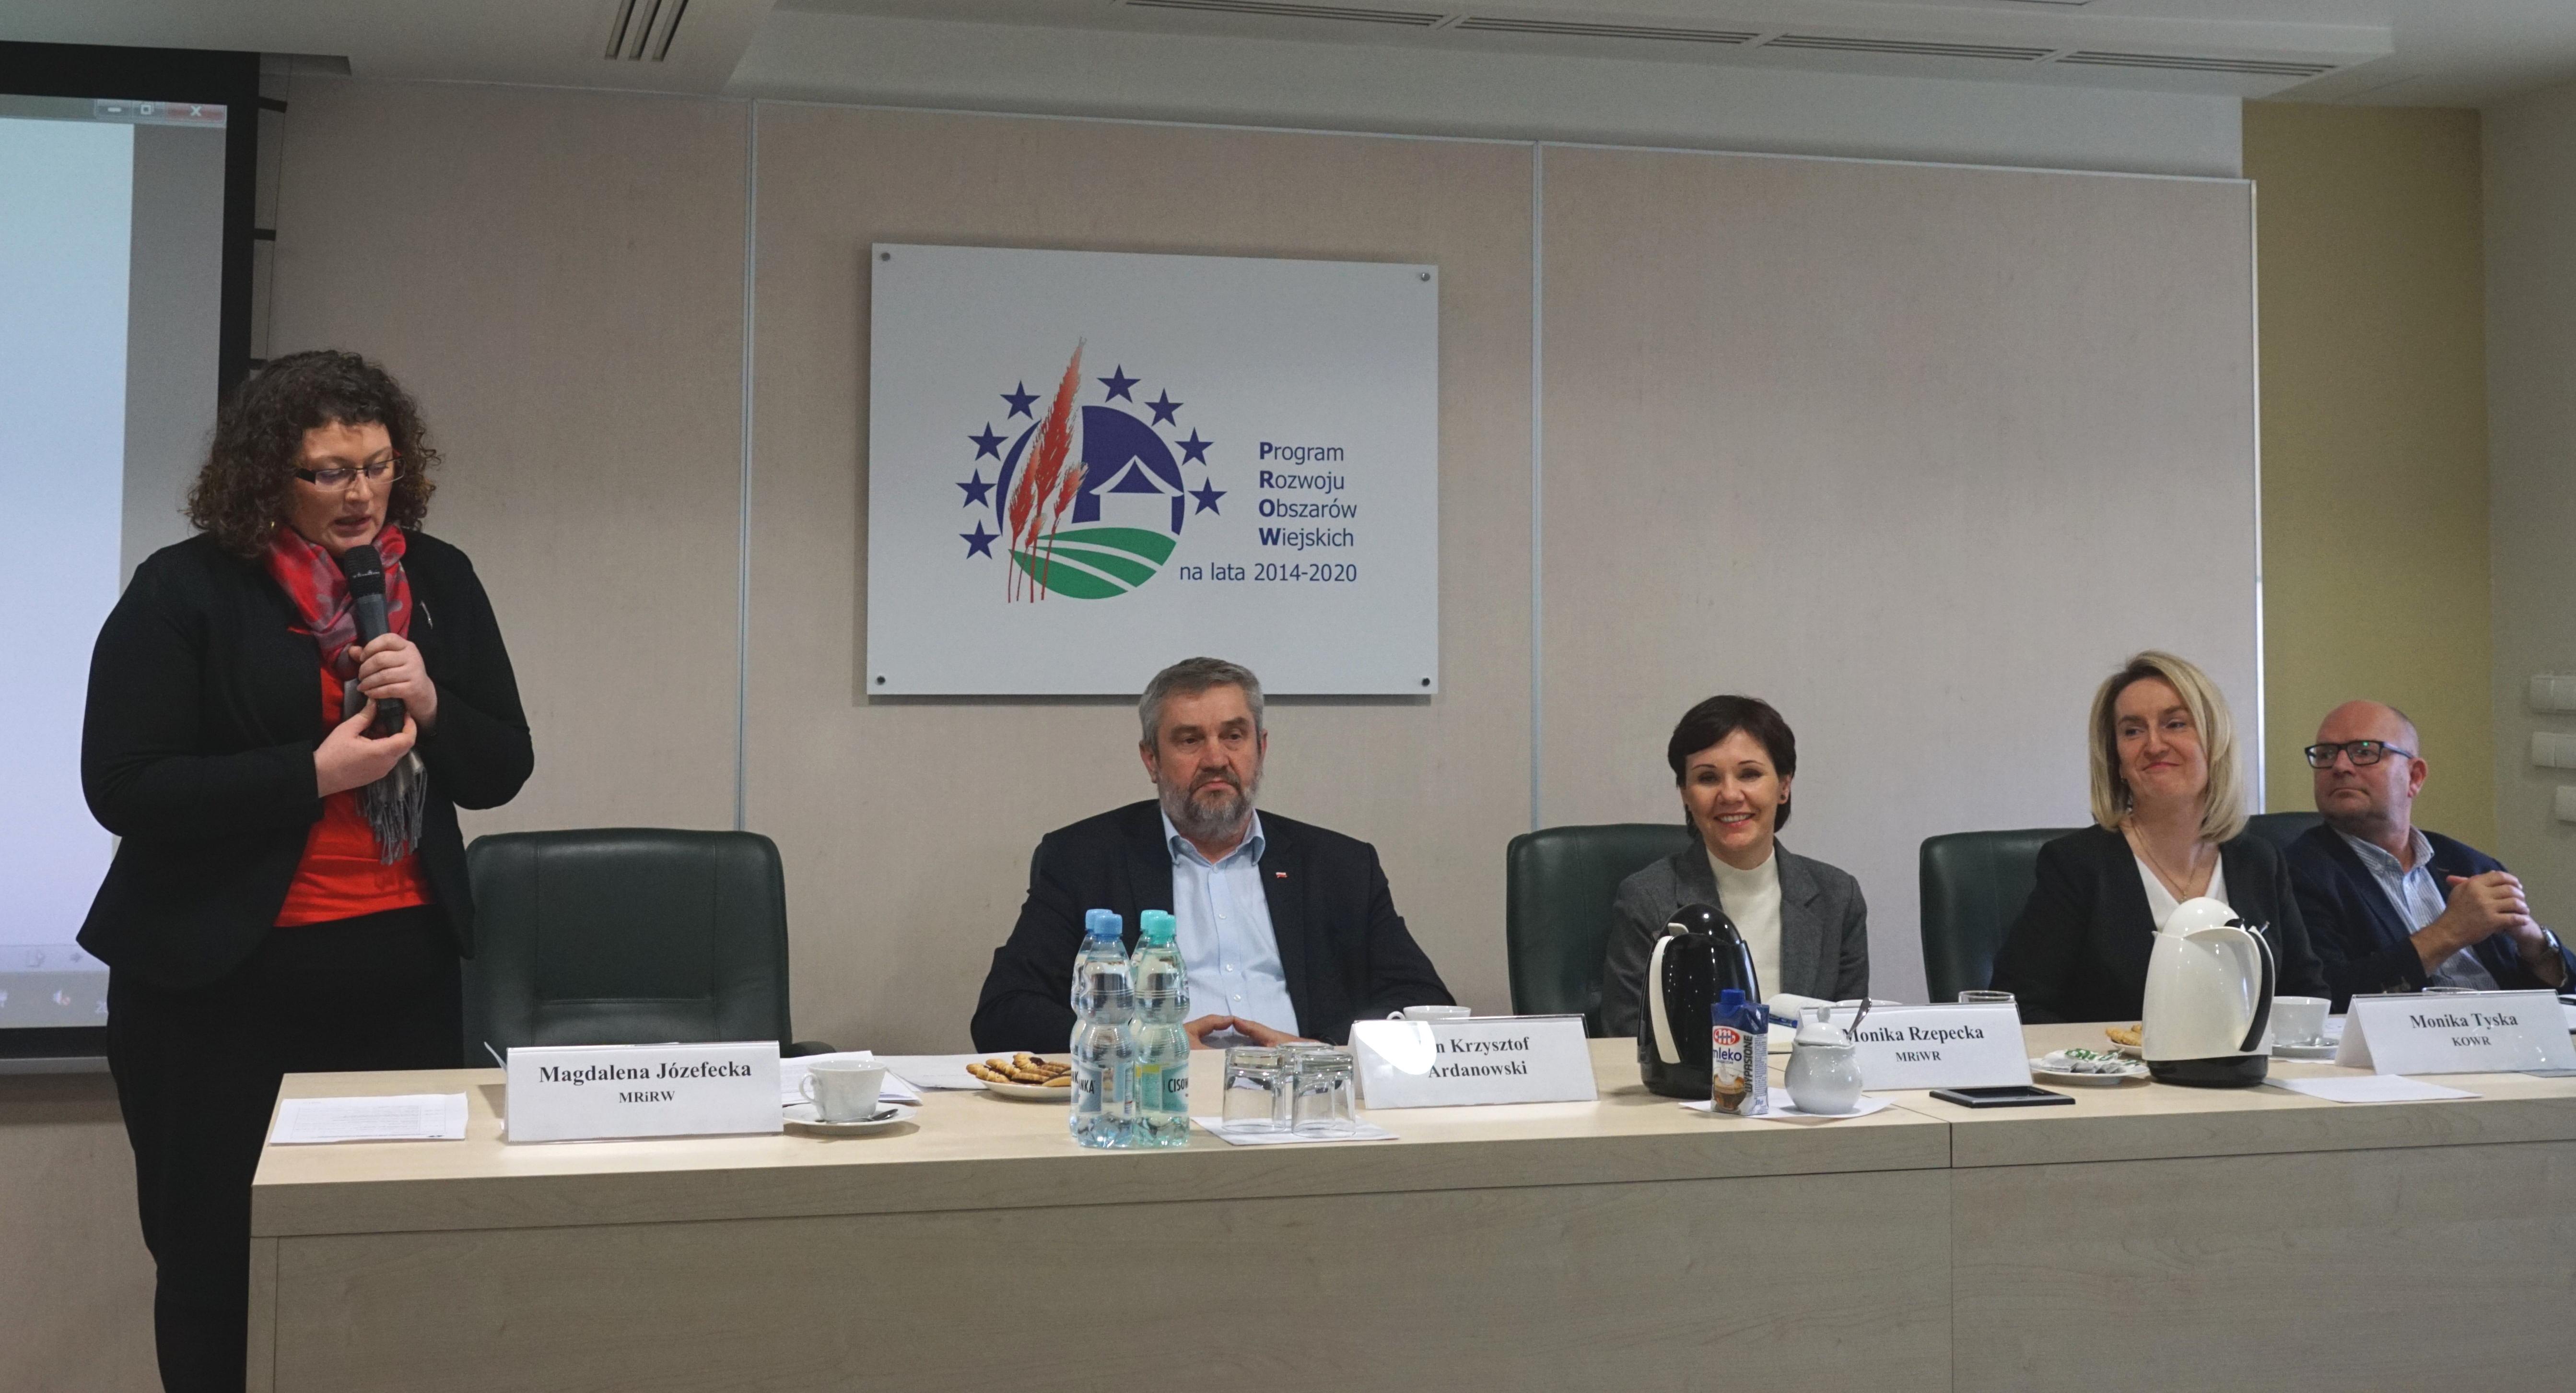 Otwarcie spotkania z przedstawicielami Zagranicznych Biur Handlowych